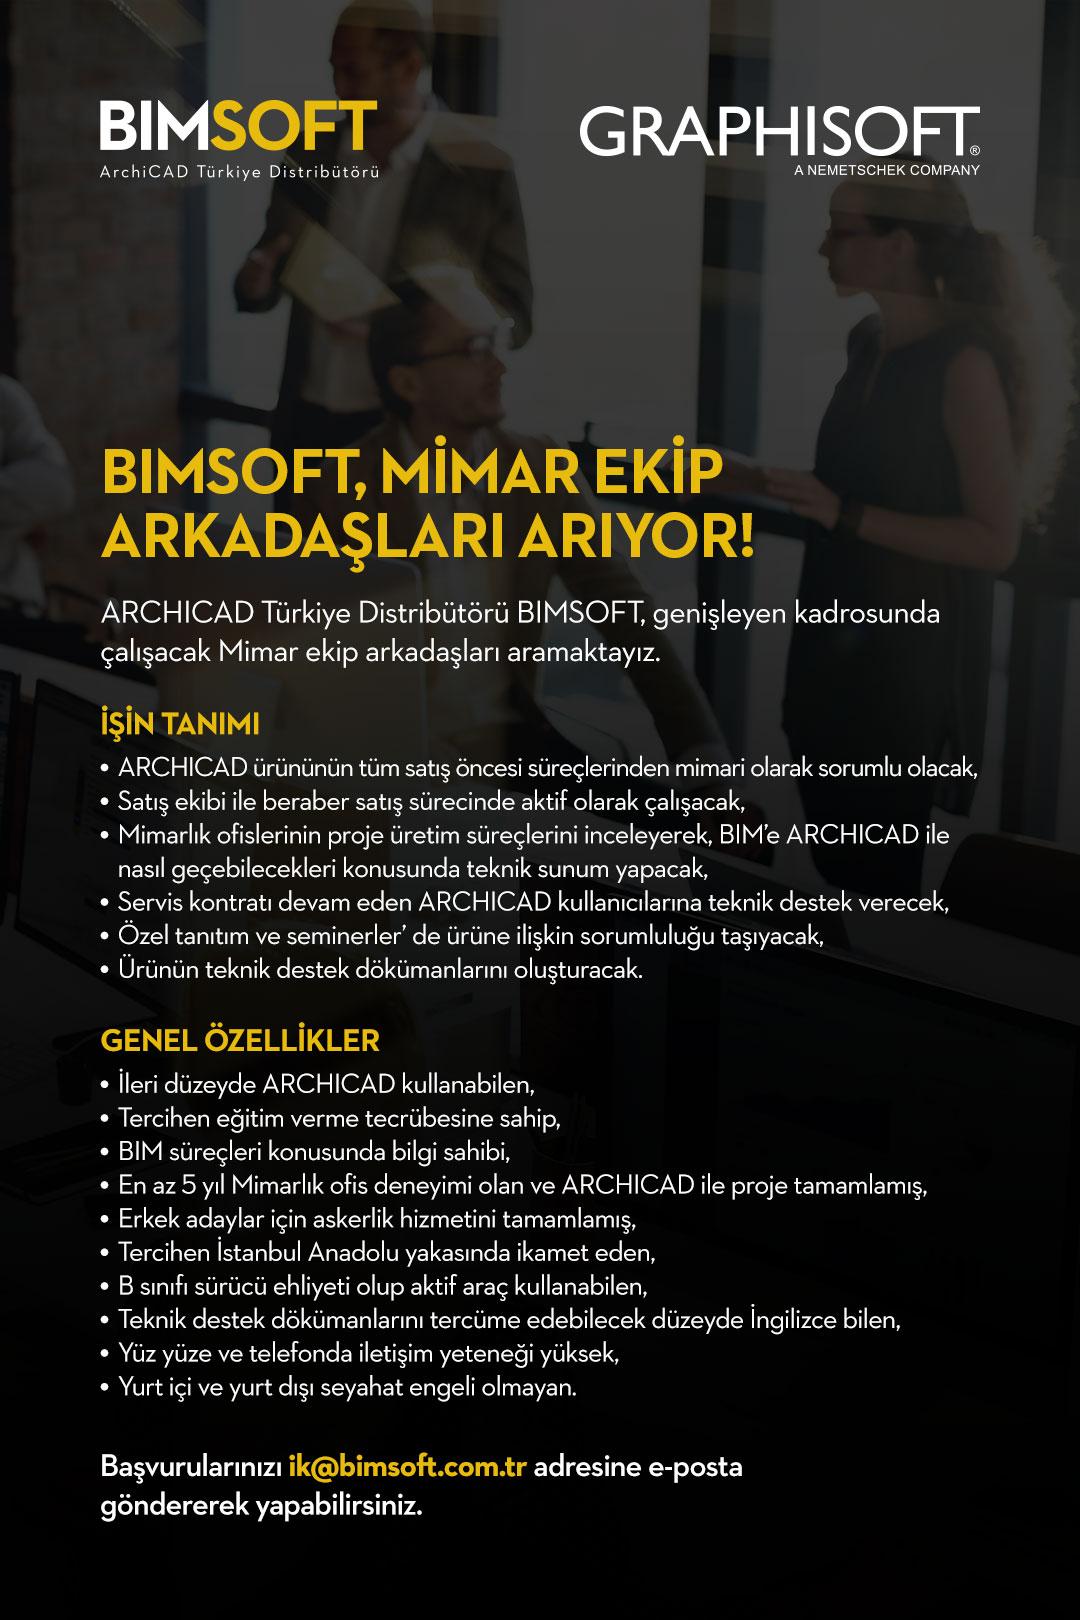 BIMSOFT Mimar Ekip Arkadaşları Arıyor 7